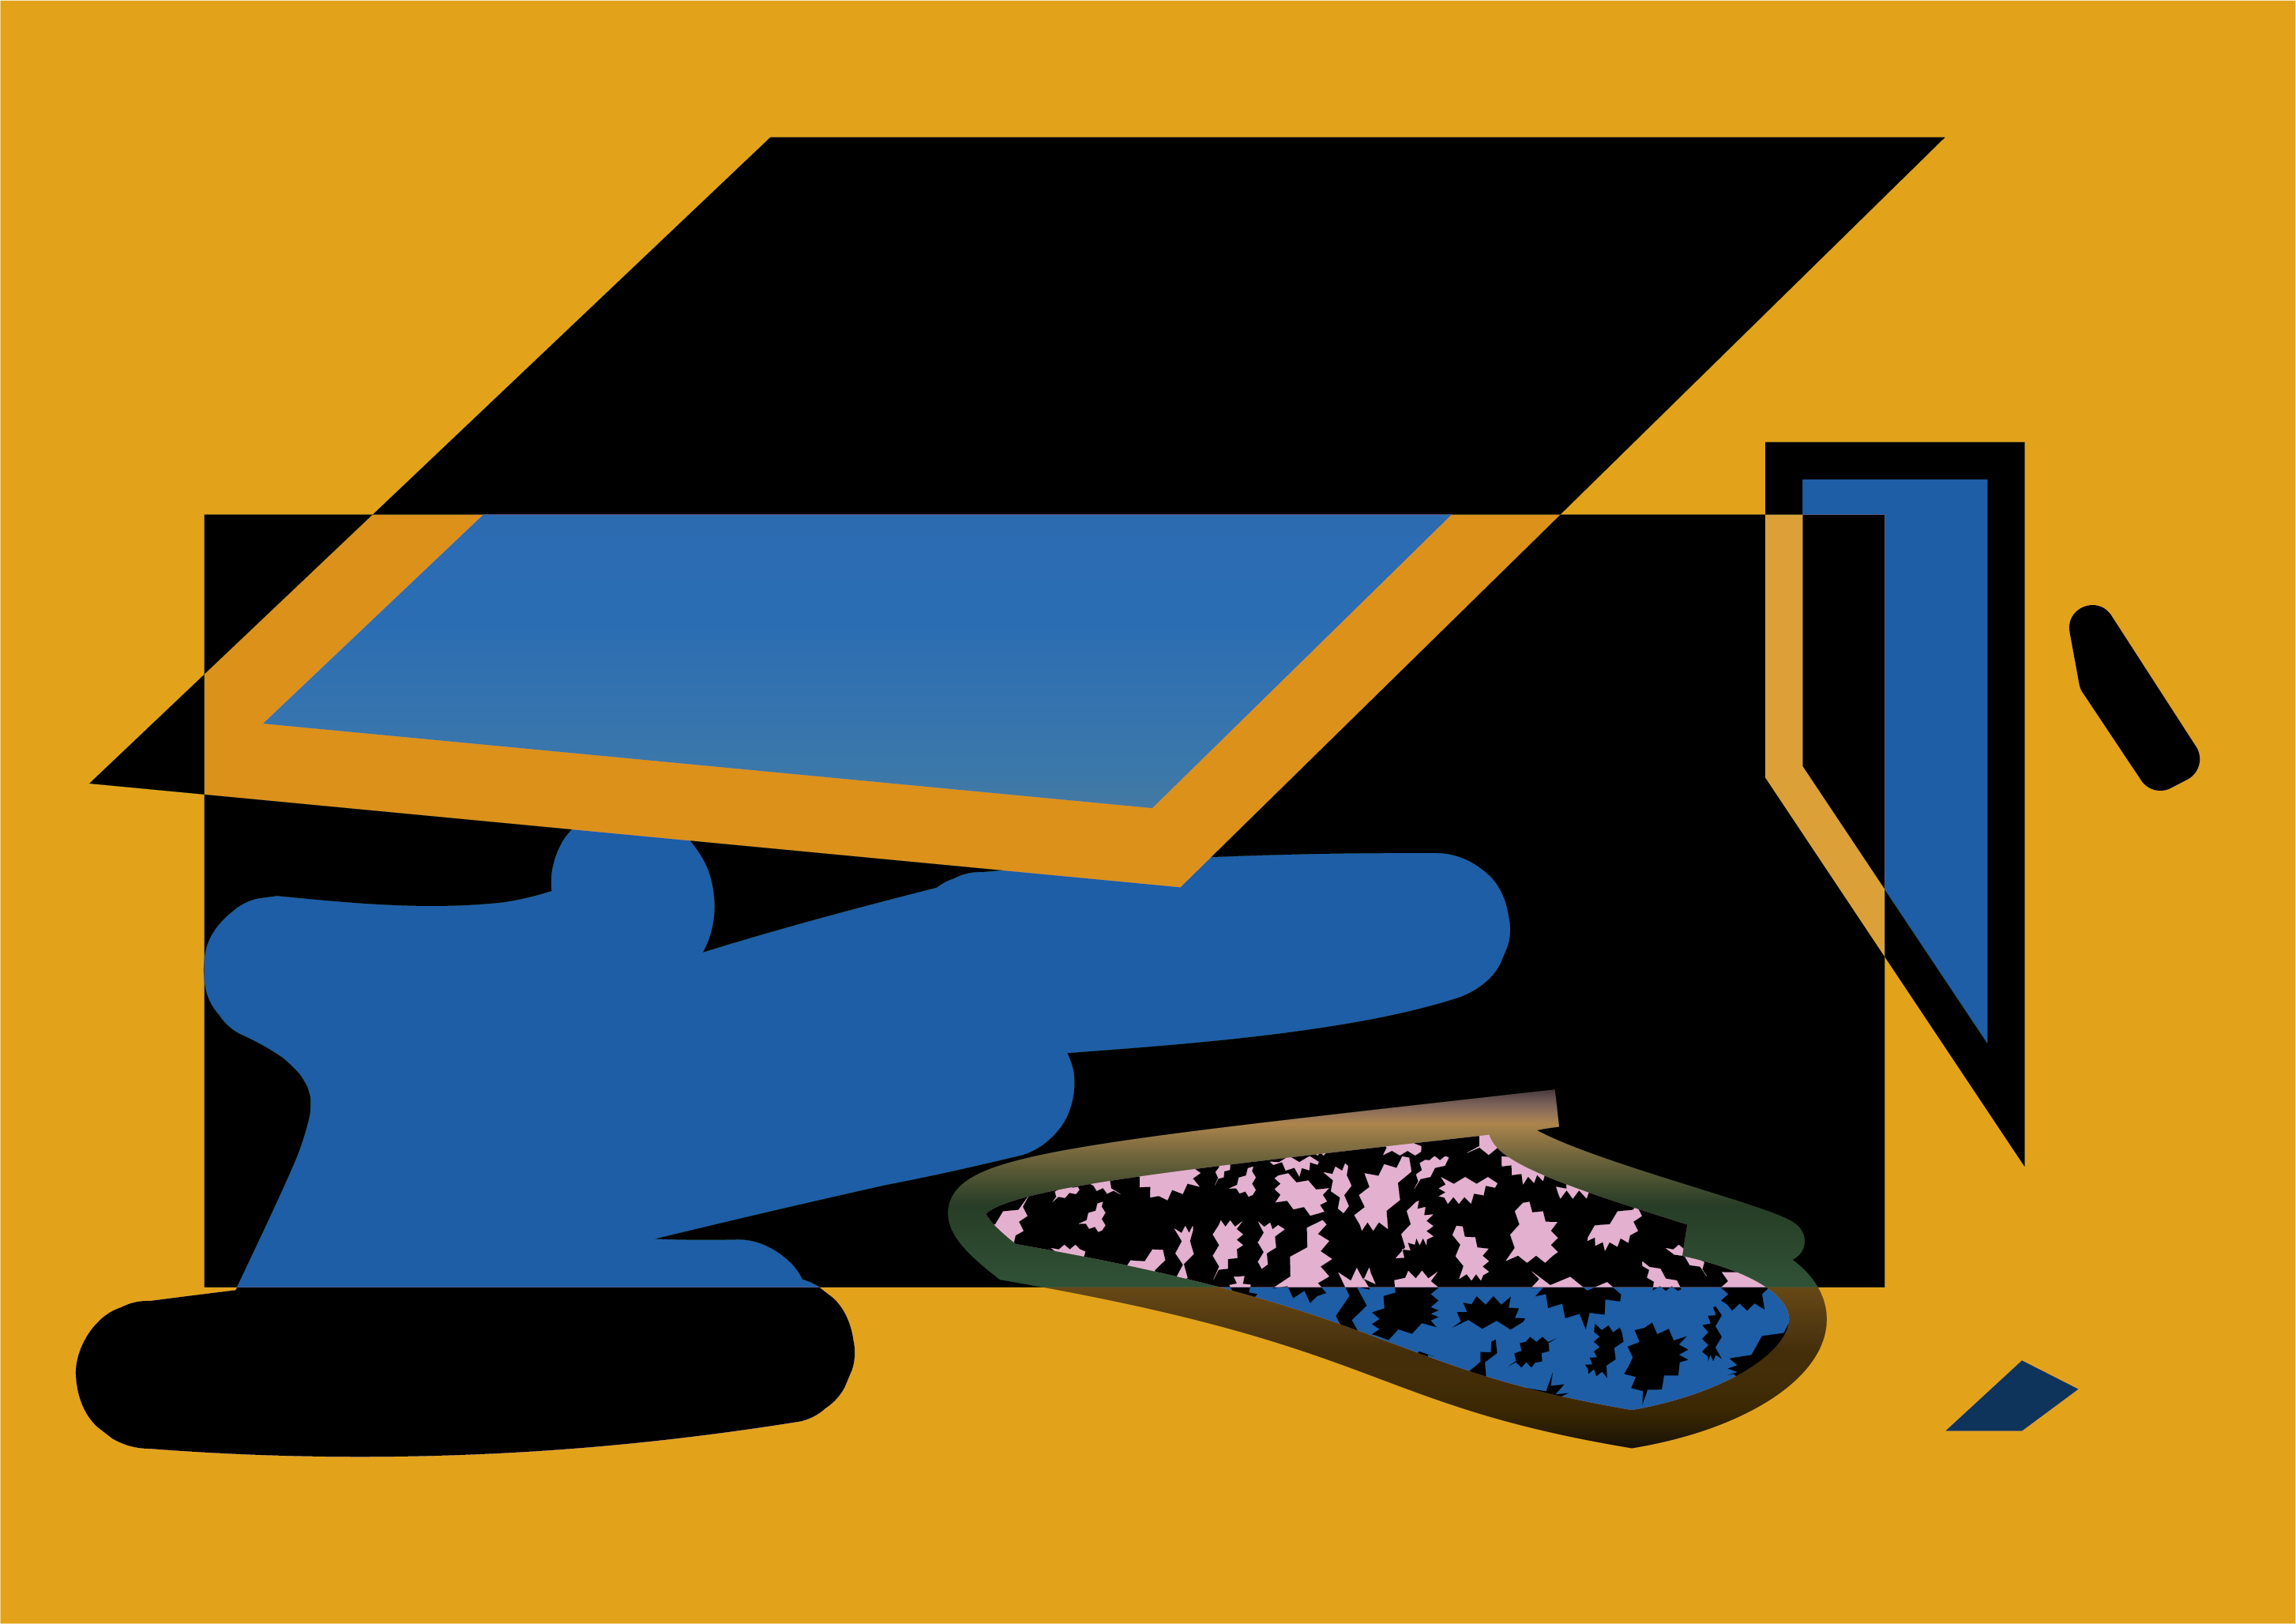 ColorsinColors2_Zeichenfläche 1 Kopie 40